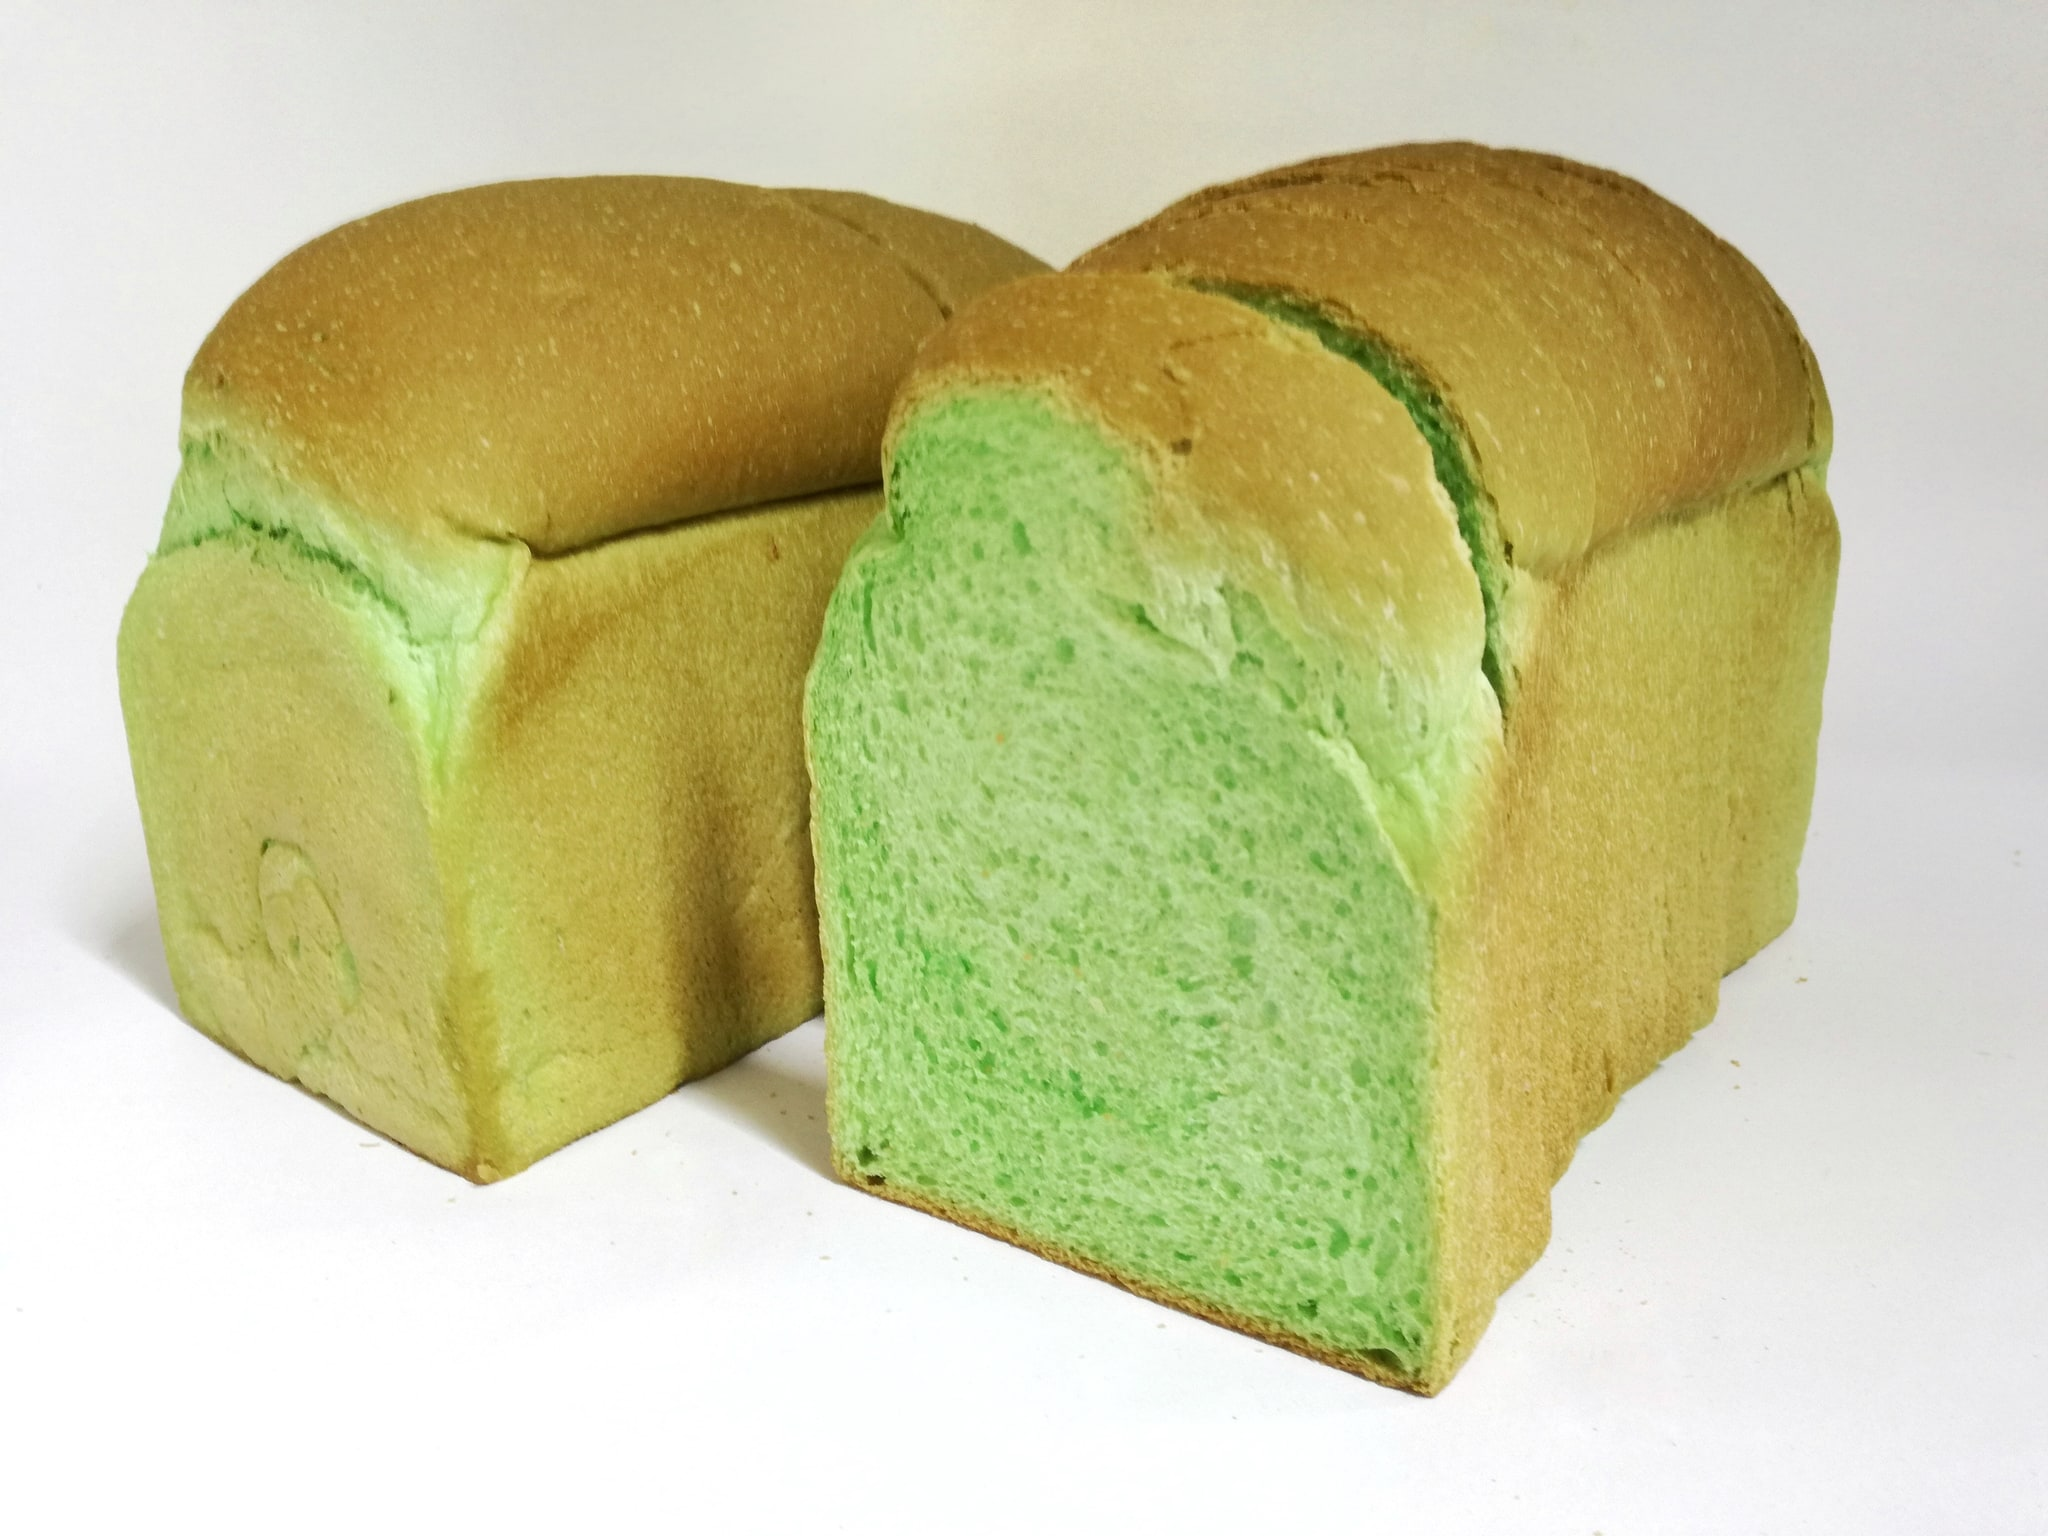 jual promo roti tawar pandan lembut dan harum blanja com